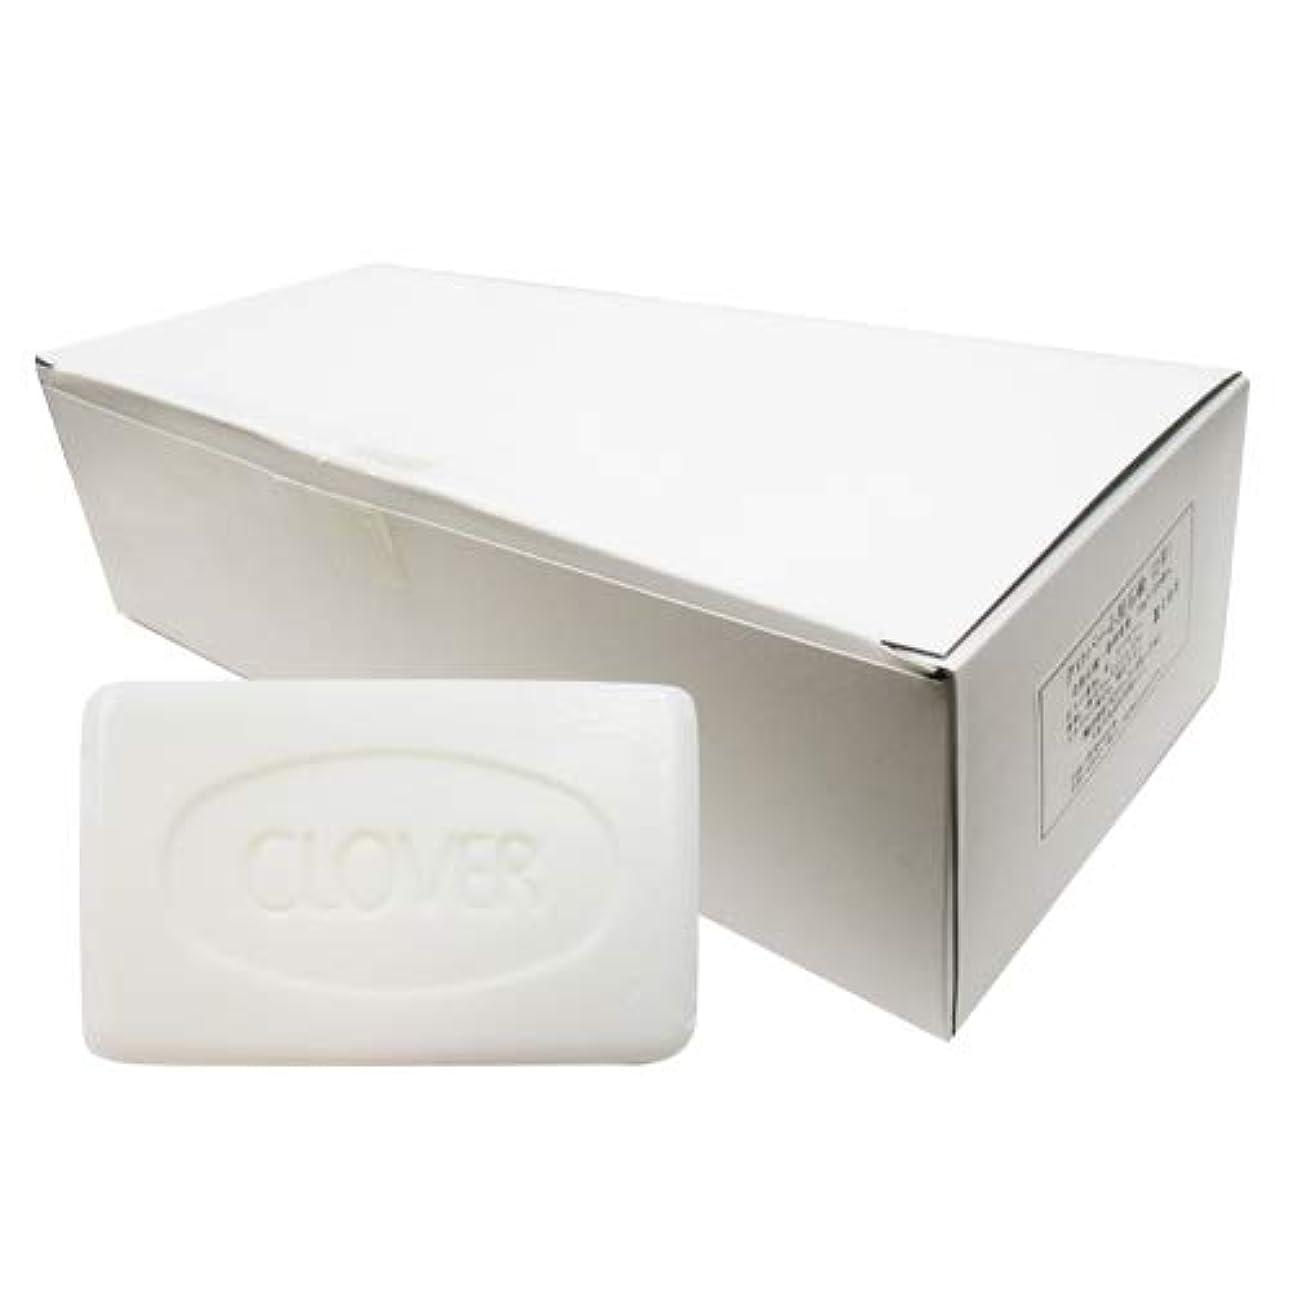 【ホテルアメニティ】【個包装】業務用石けん クロバーコーポレーション クロバー小型石鹸 2号 (18g×100個入り)